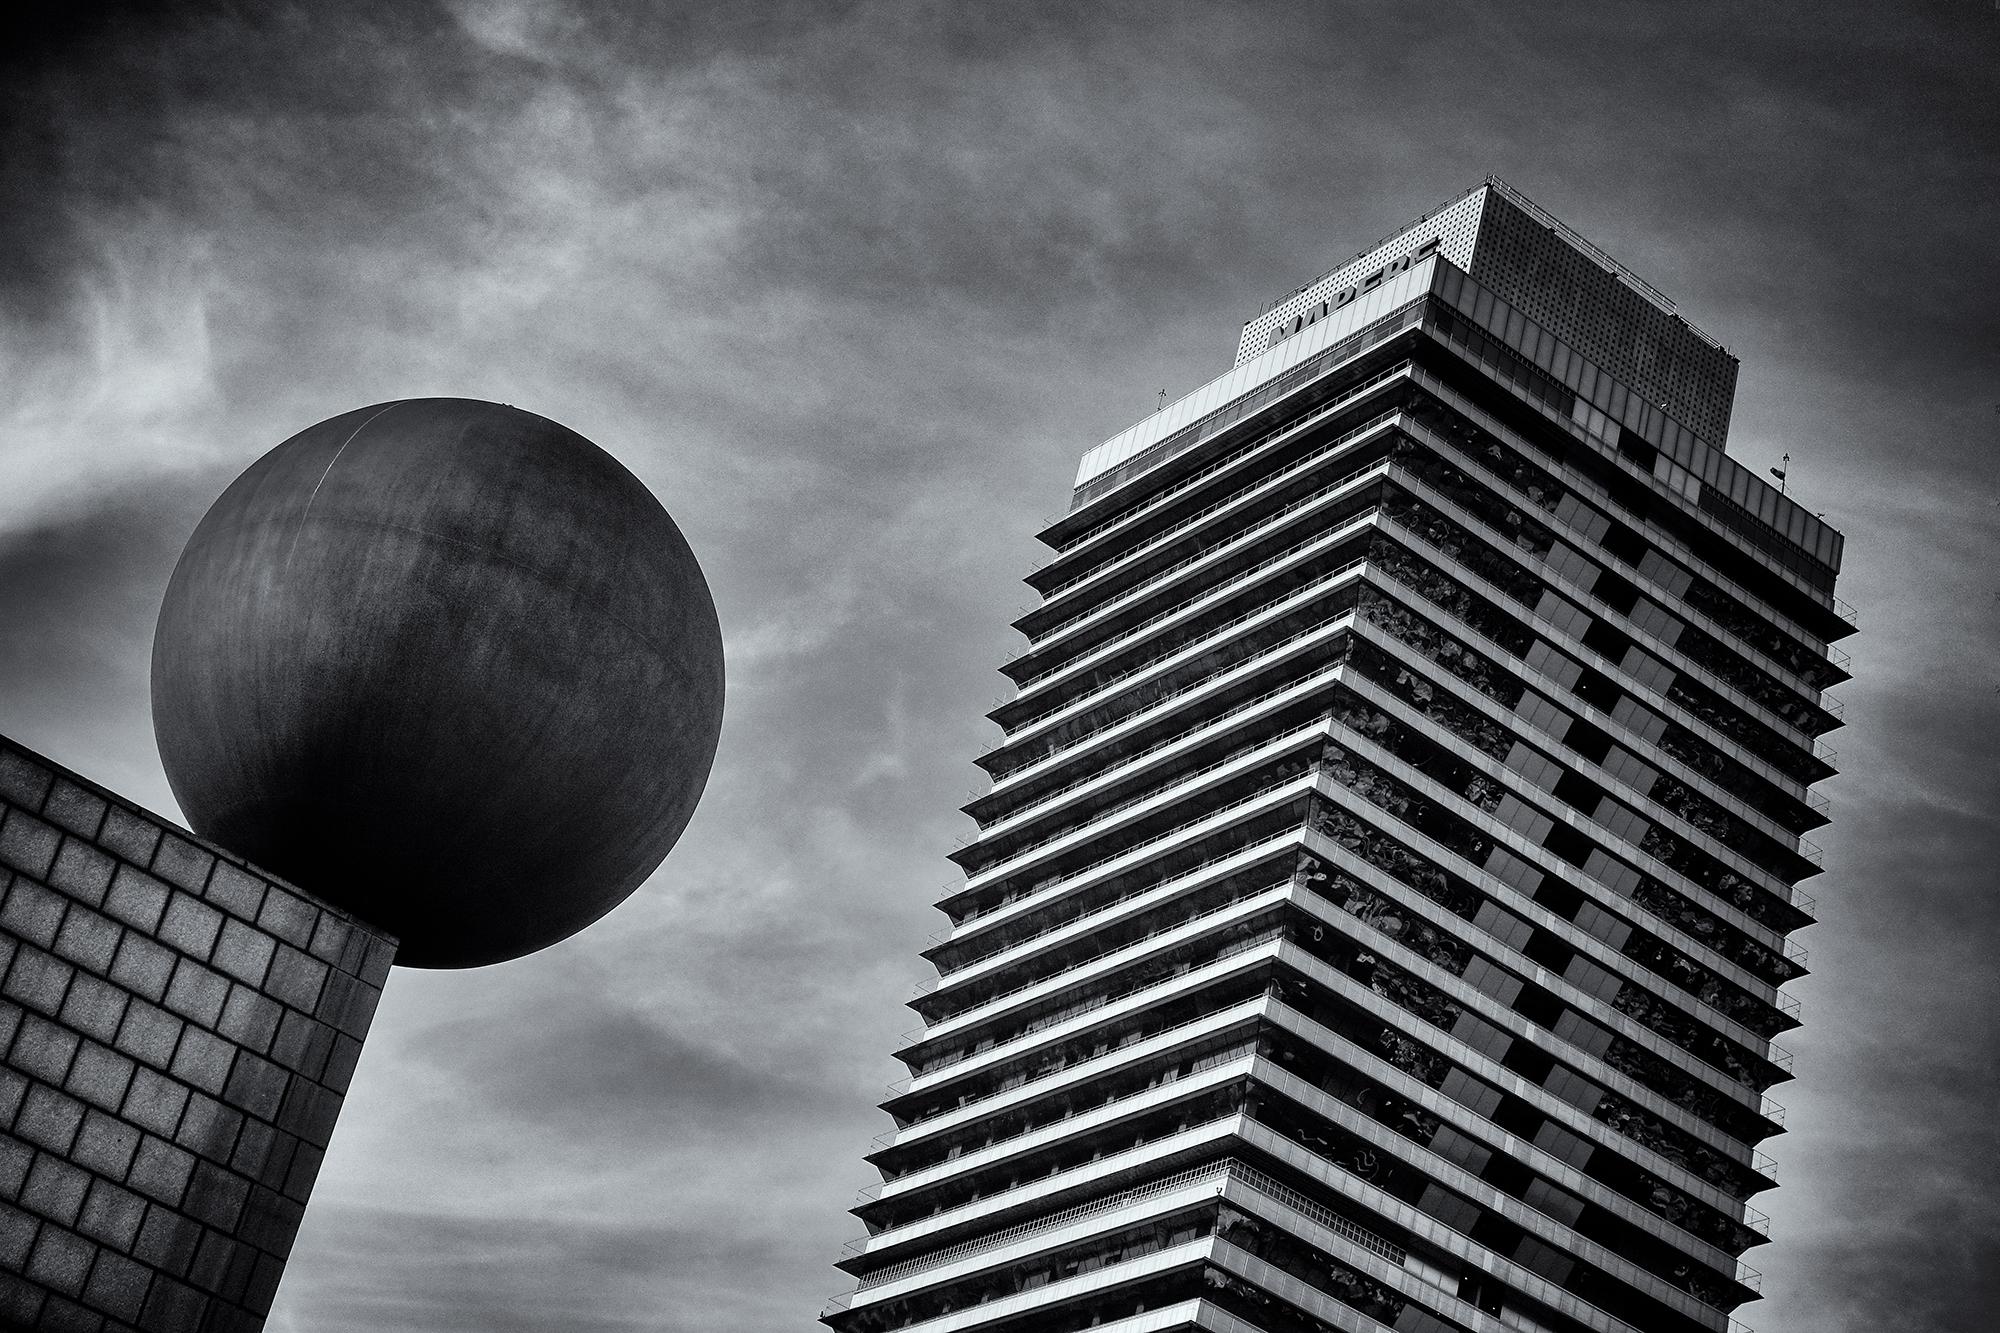 Ball and Layers. Barcelona, 2015